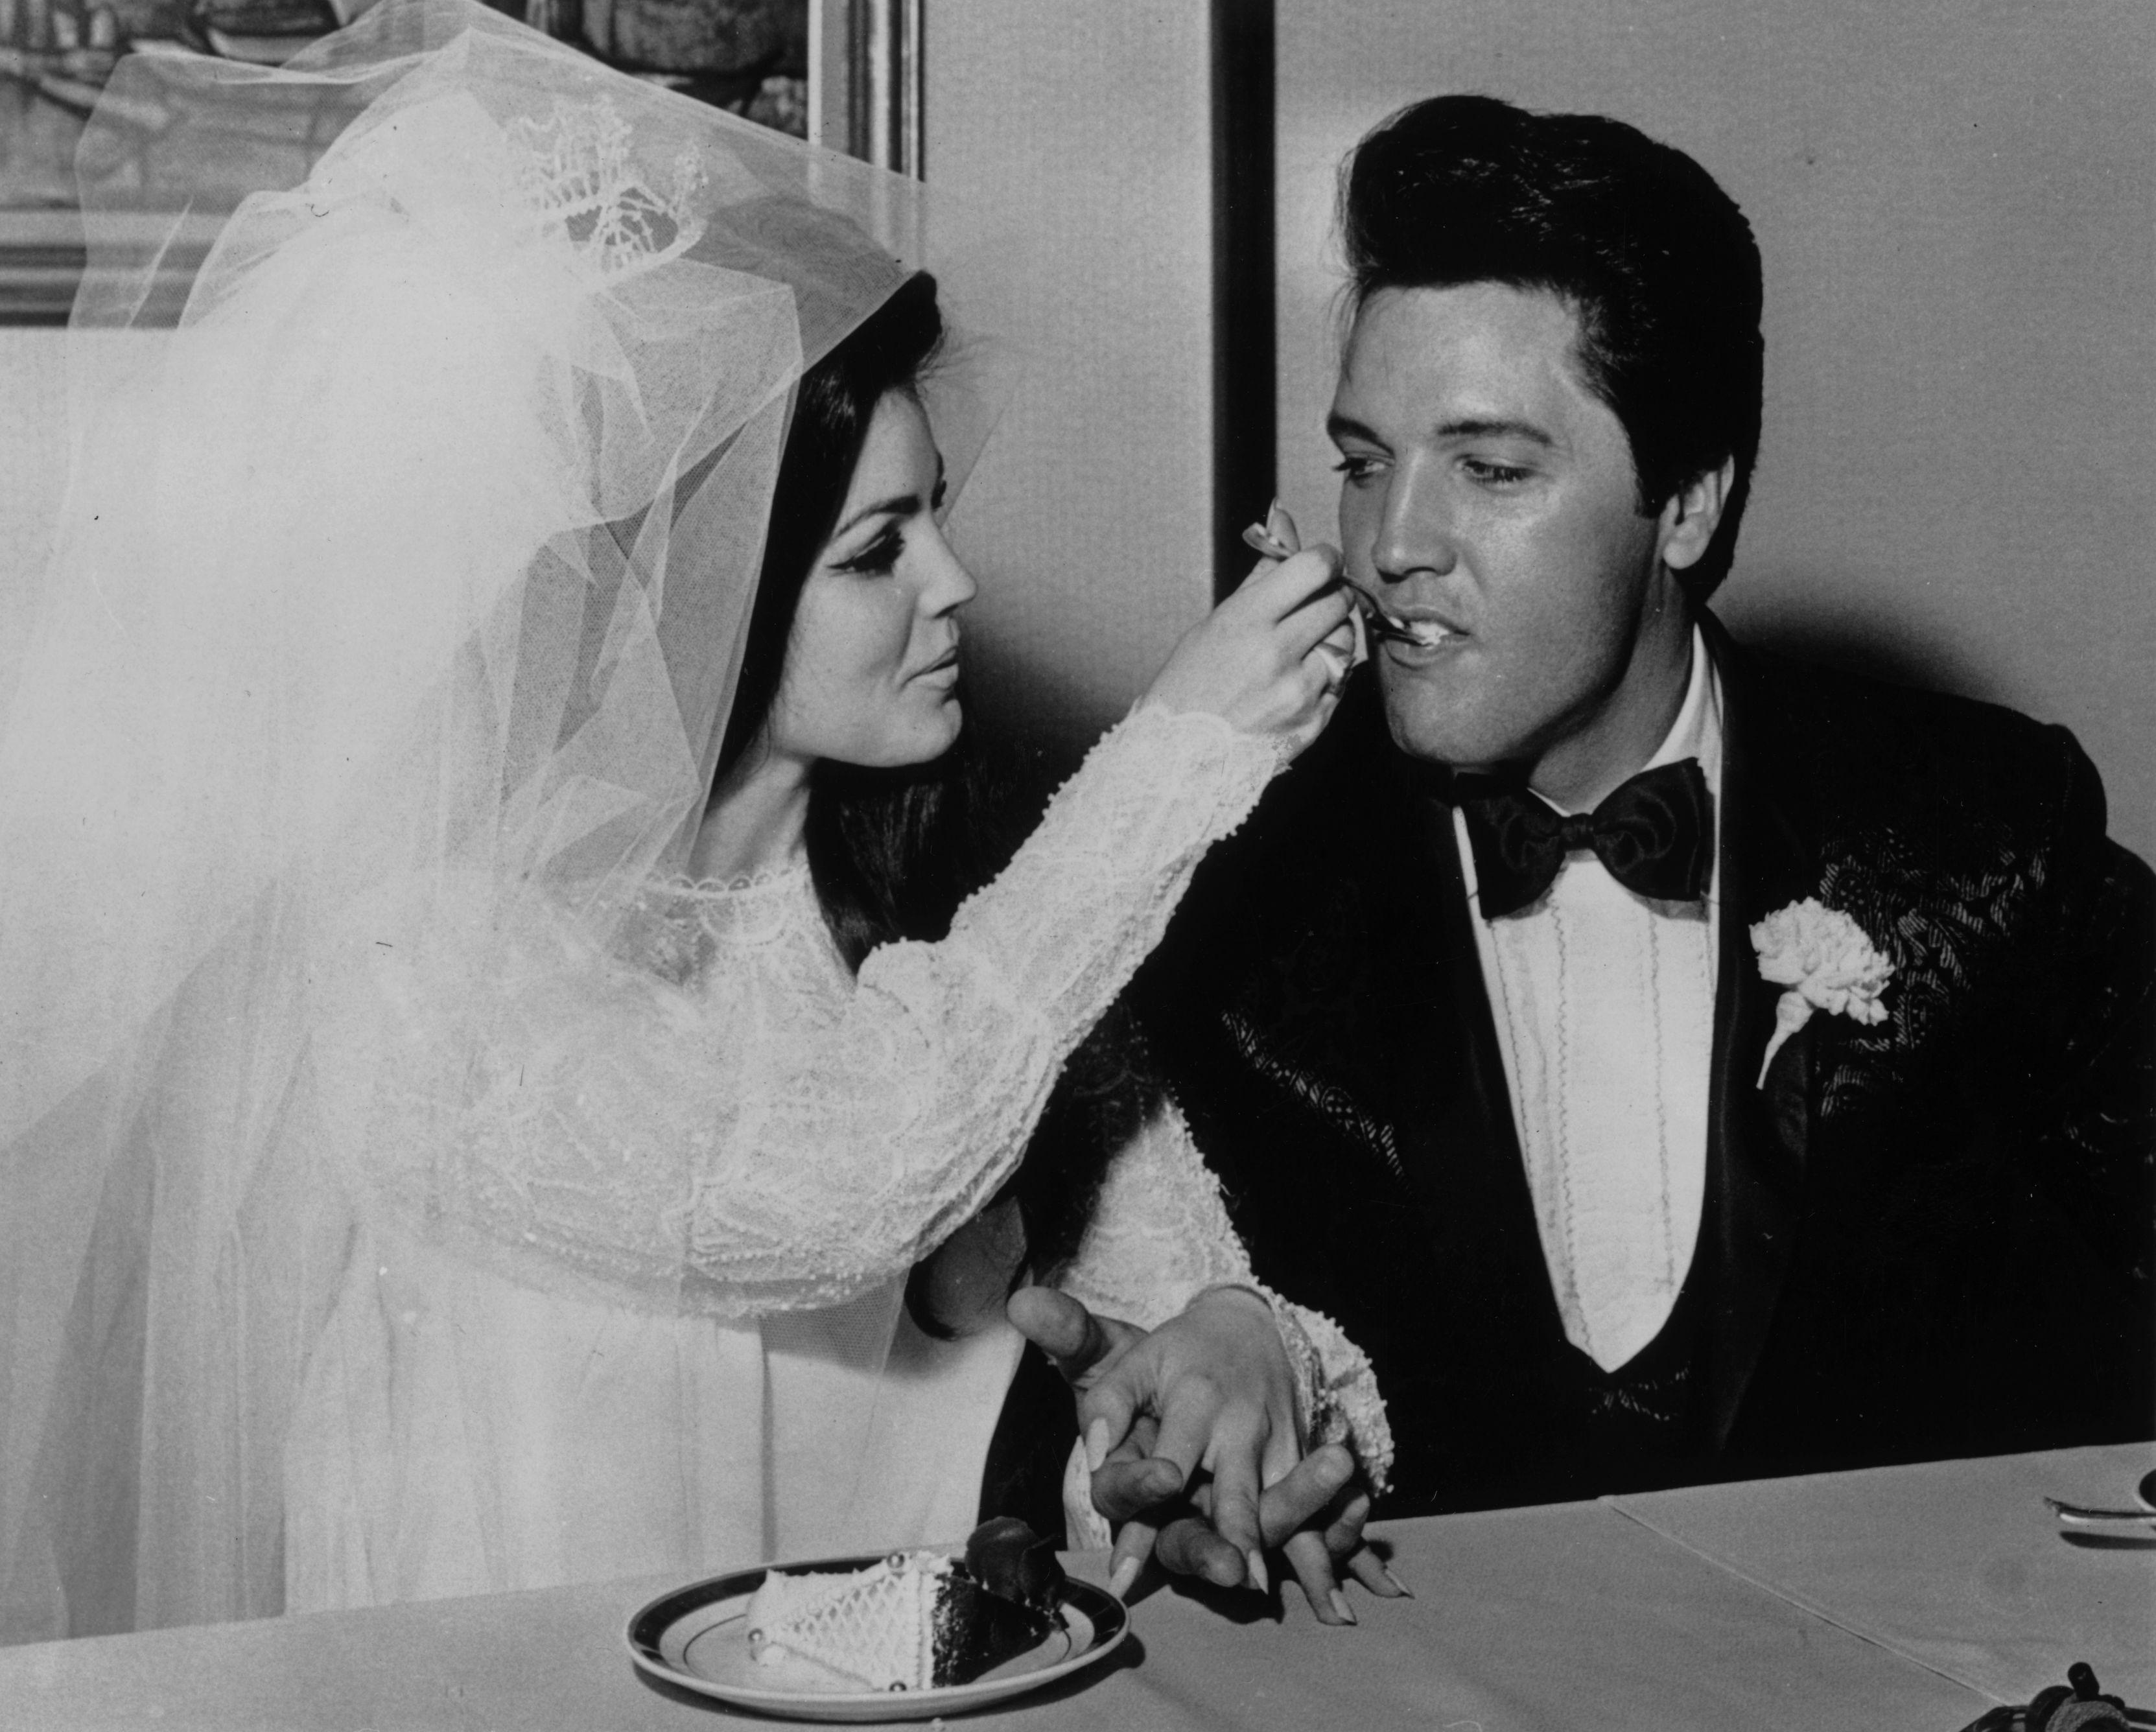 <p><strong>Елвис Пресли</strong></p>  <p>Присила е само на 14 години, когато се среща с 24-годишния Елвис Пресли&nbsp;през 1959 г. Двамата започват връзка и сключват брак на 1 май 1967 г., но се развеждат през 1973 г. Двойката има една дъщеря - Лиза Пресли.&nbsp;</p>